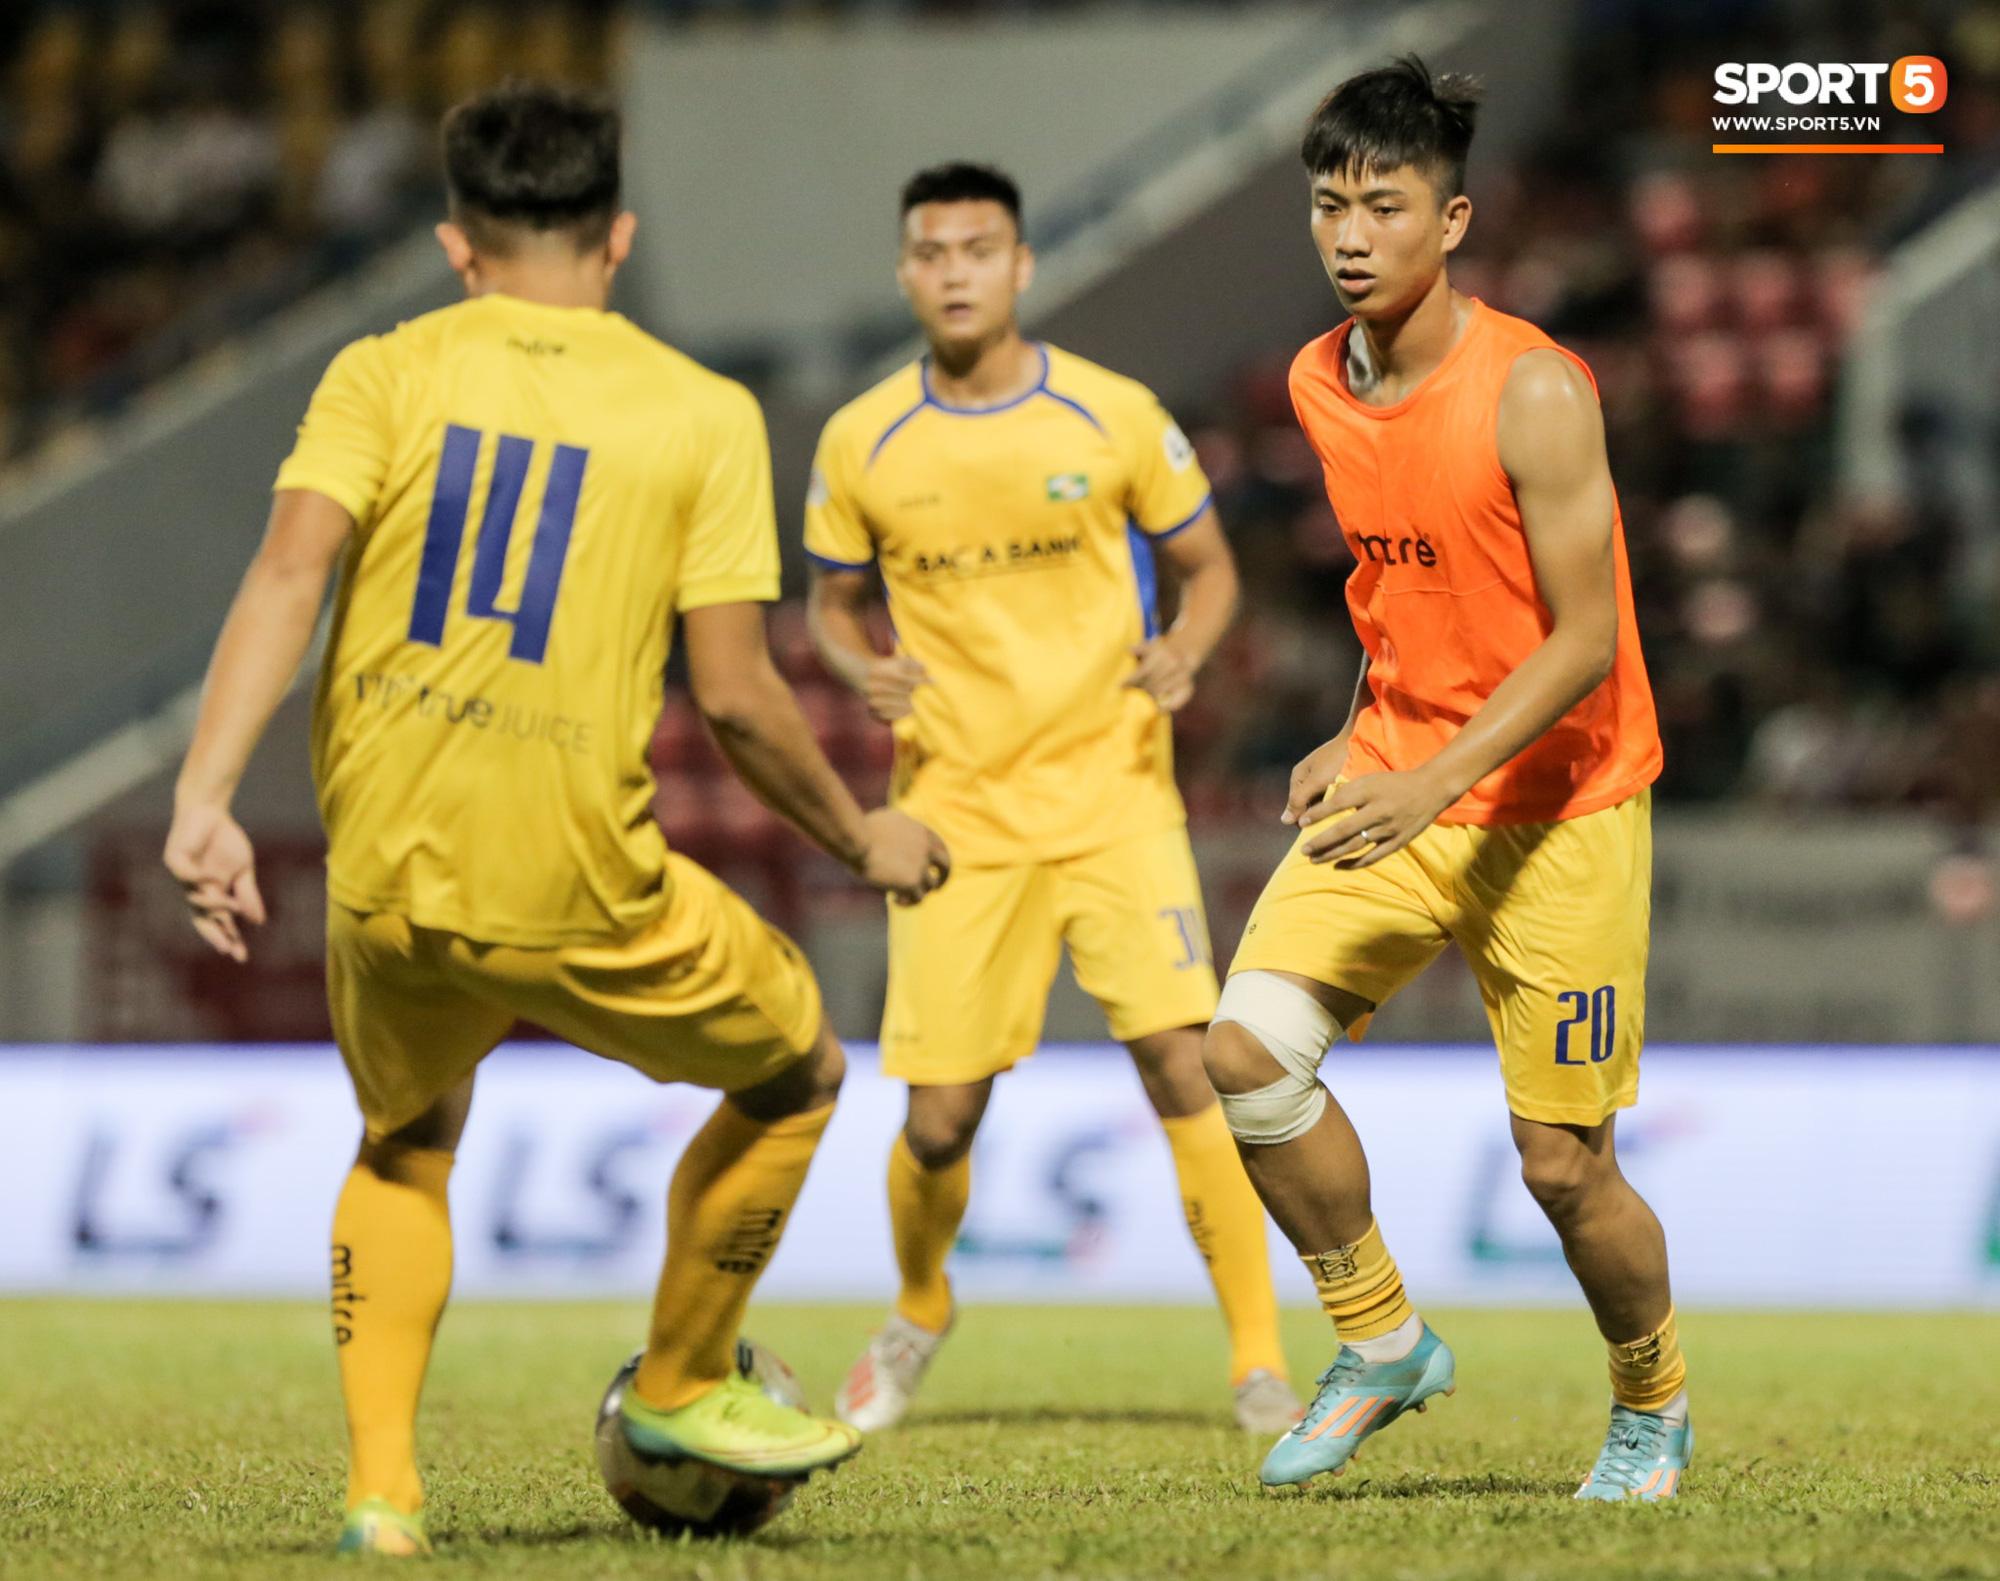 Phan Văn Đức lấy vội điện thoại để xem điều này sau trận thứ 6 không thắng tại V.League 2020 - Ảnh 4.